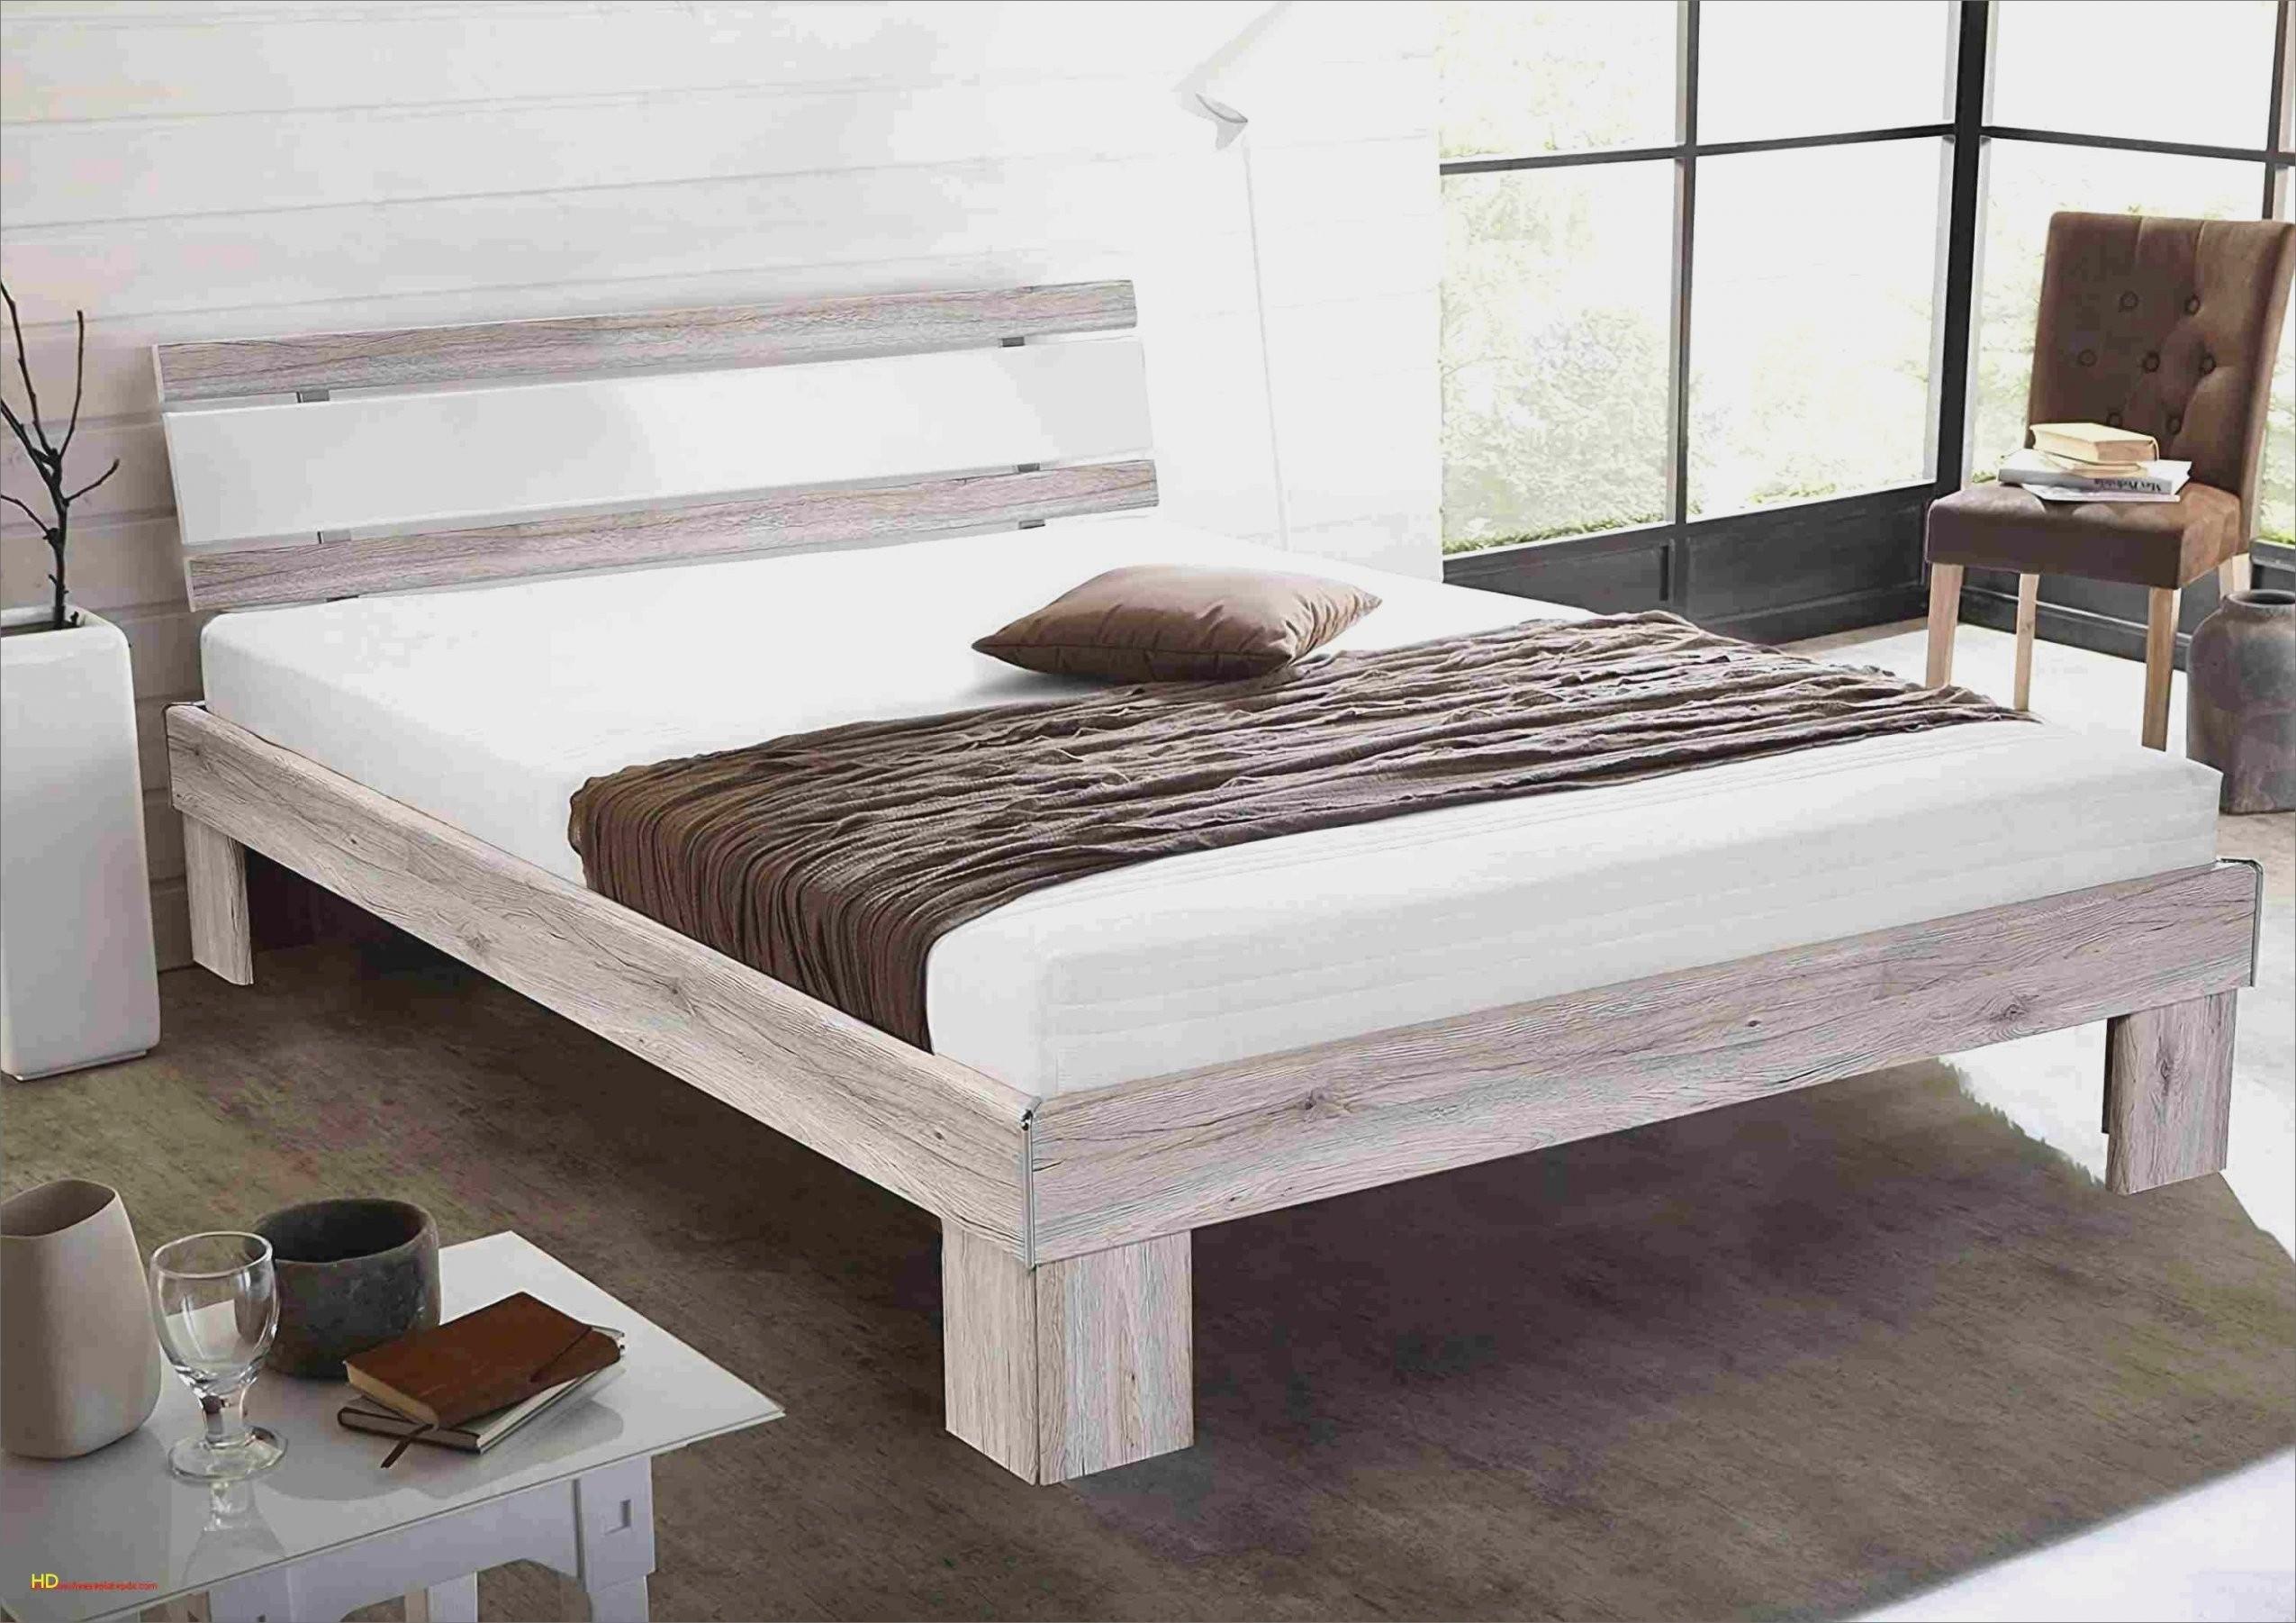 Komfort Bett 160X200 Günstig  Tbpmindset von Bett 160X200 Günstig Kaufen Photo